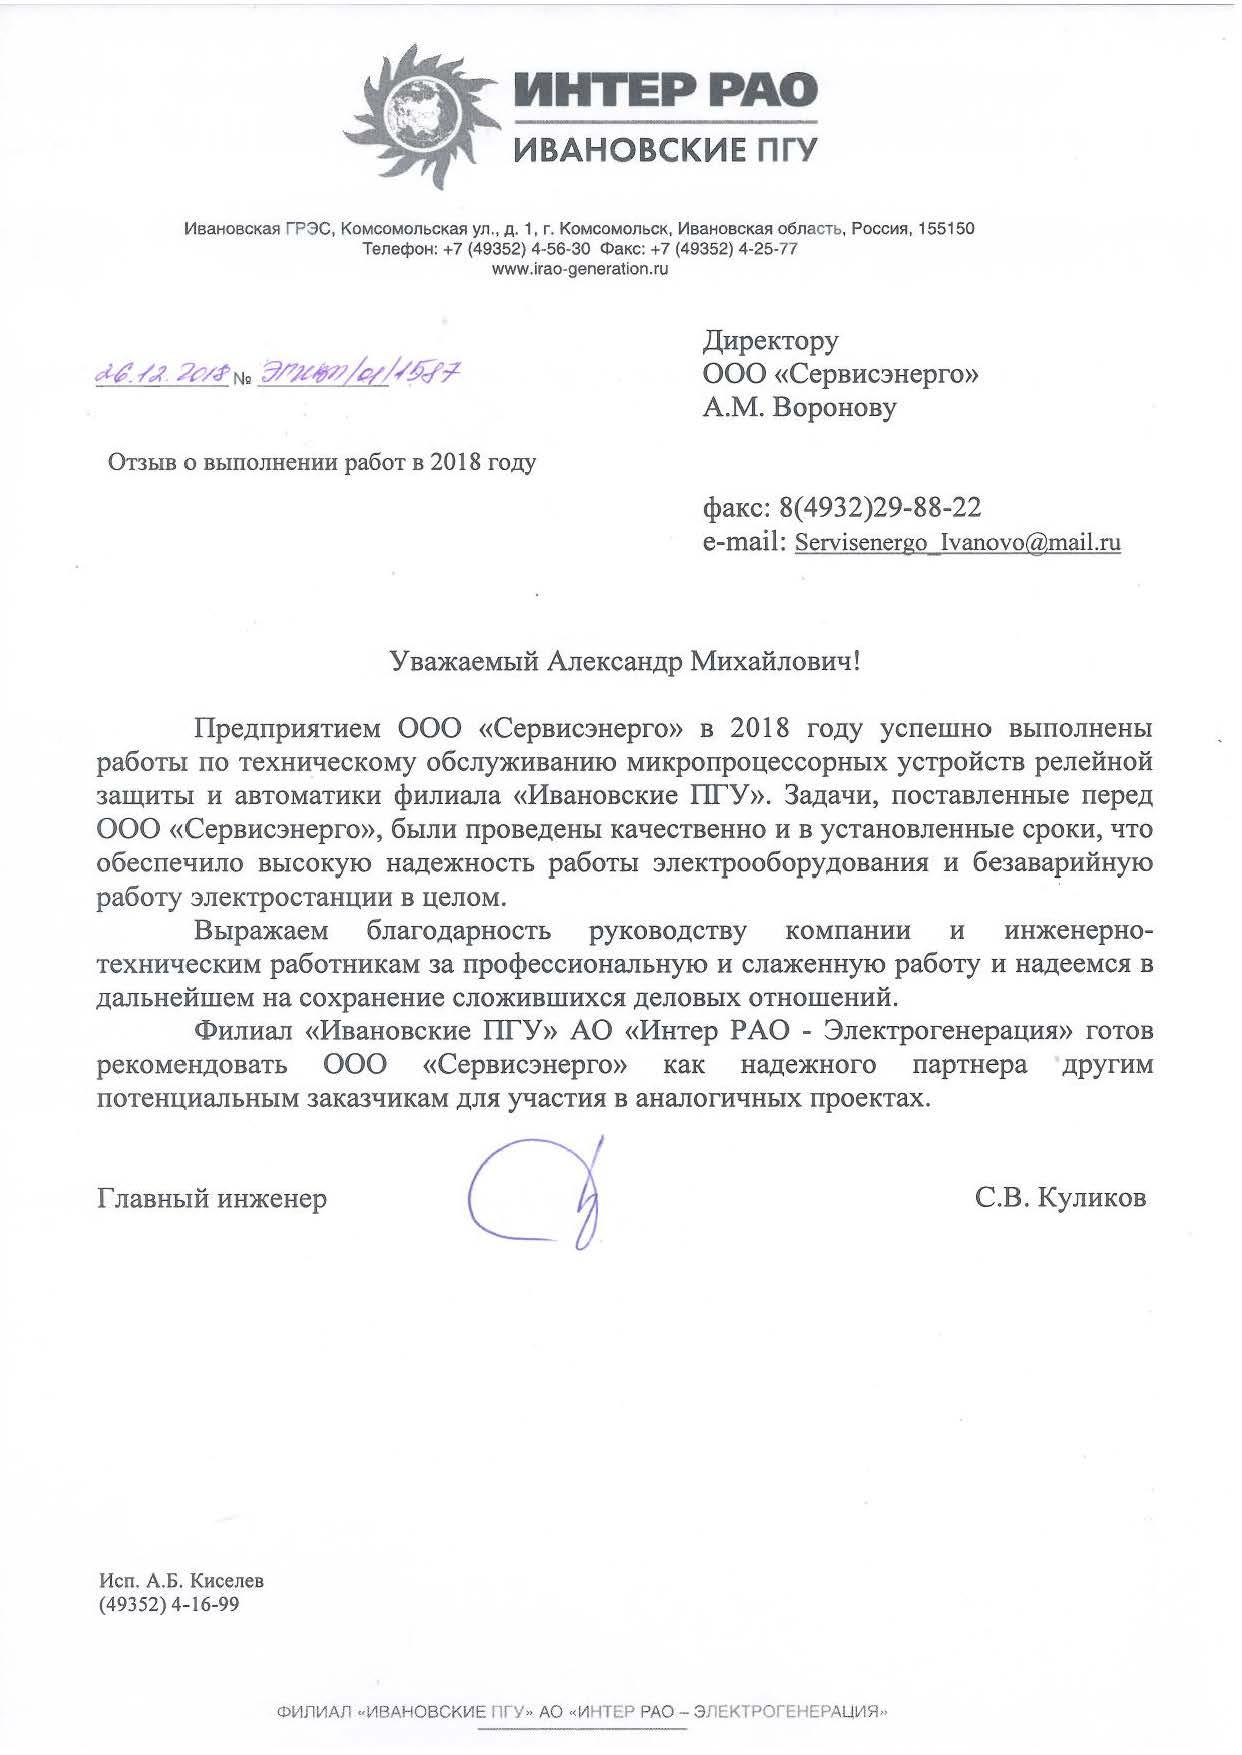 отзыв_2018_Ивановские ПГУ (сервисэнерго)